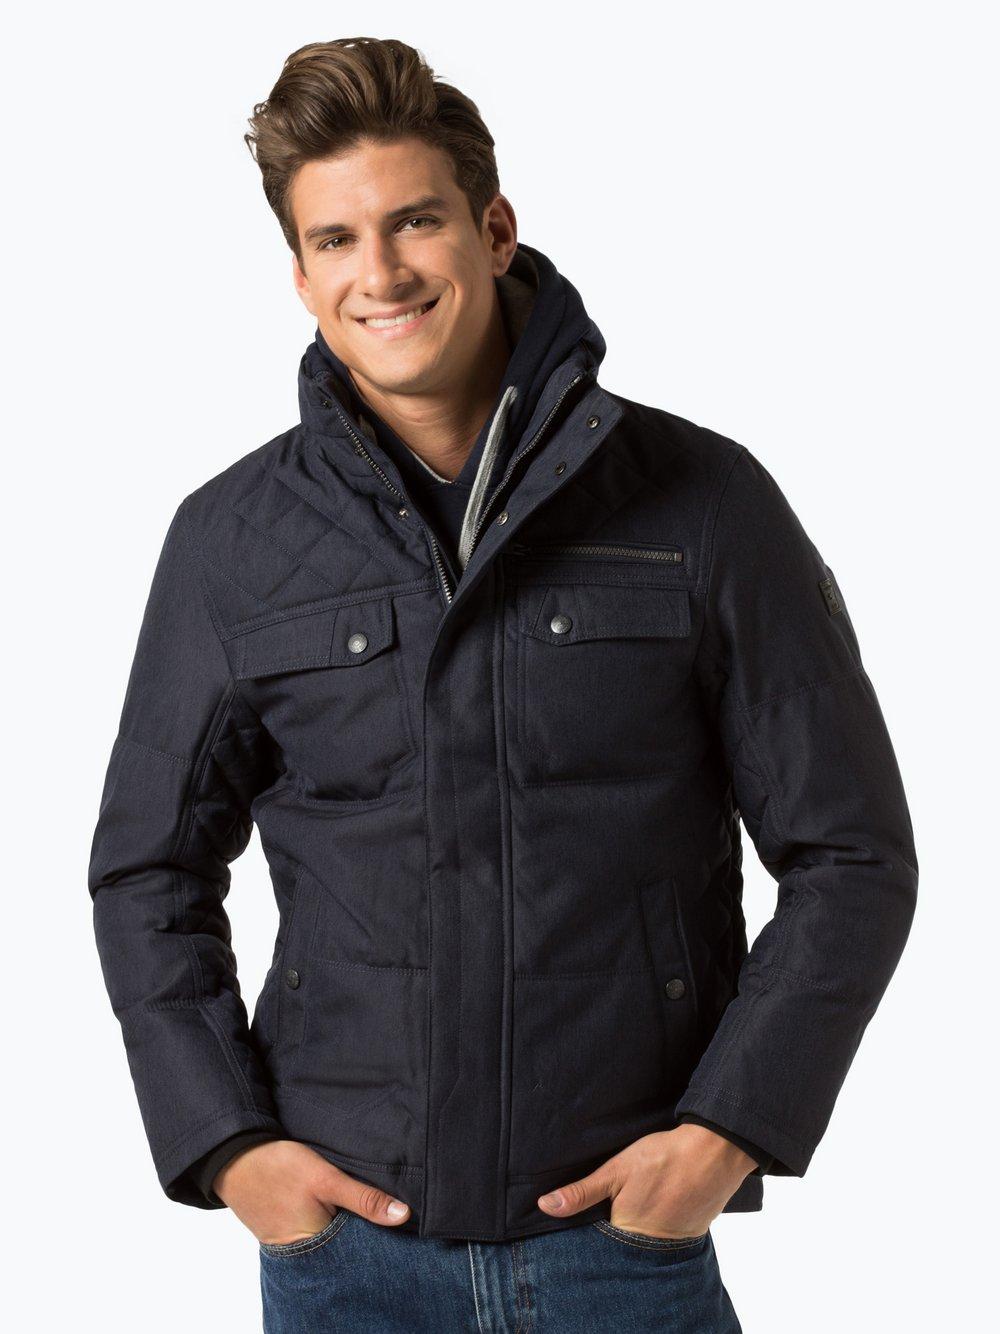 Tom Tailor Herren Jacke online kaufen | VANGRAAF.COM